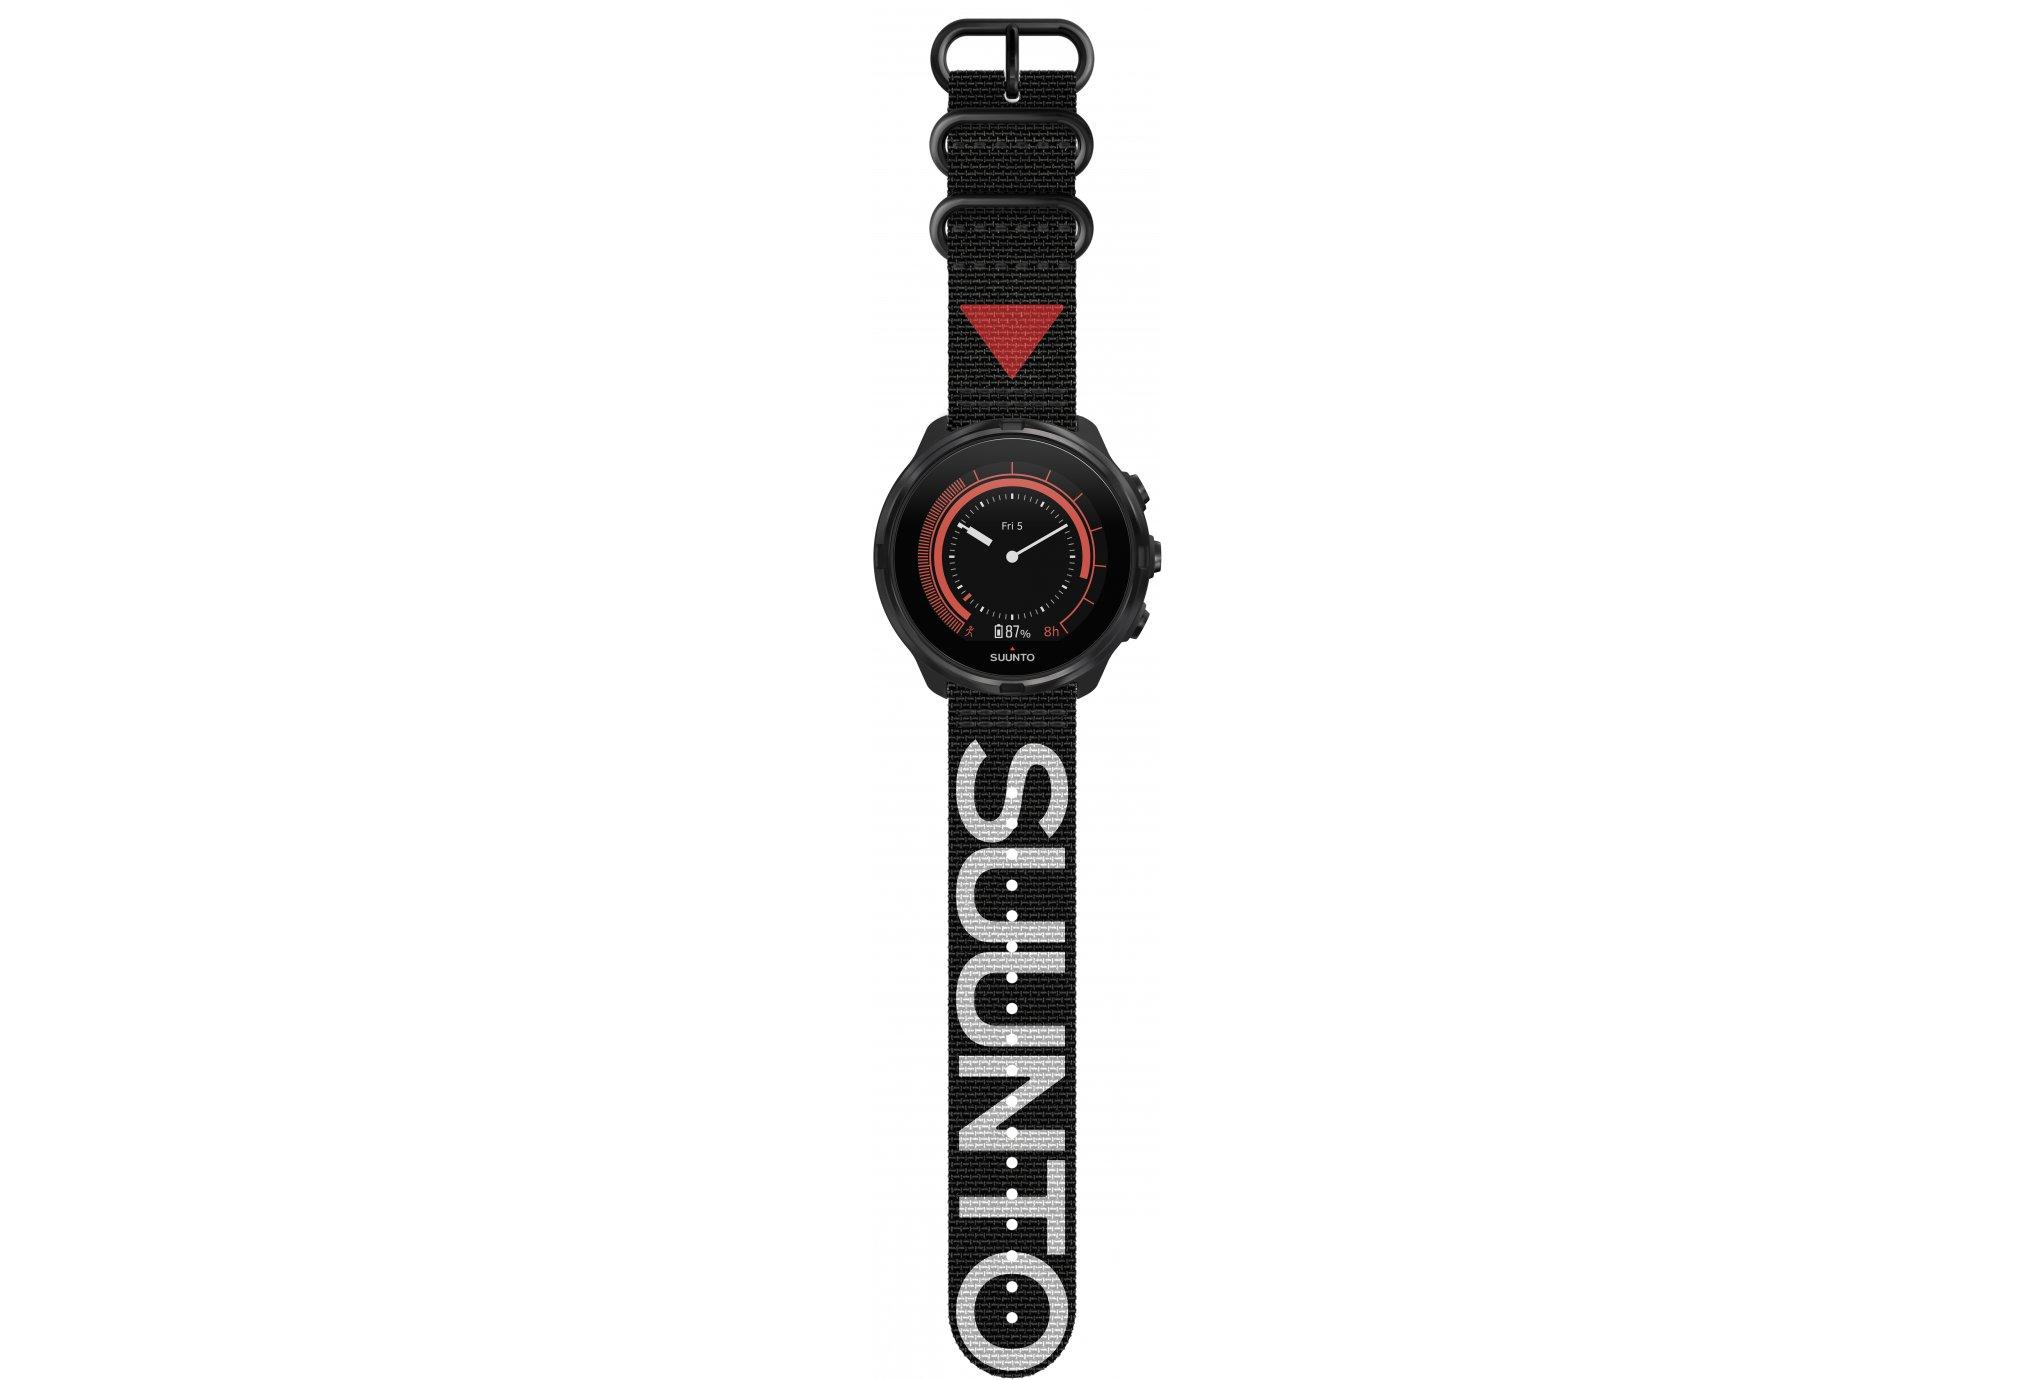 Suunto 9 All Black Brand Edition